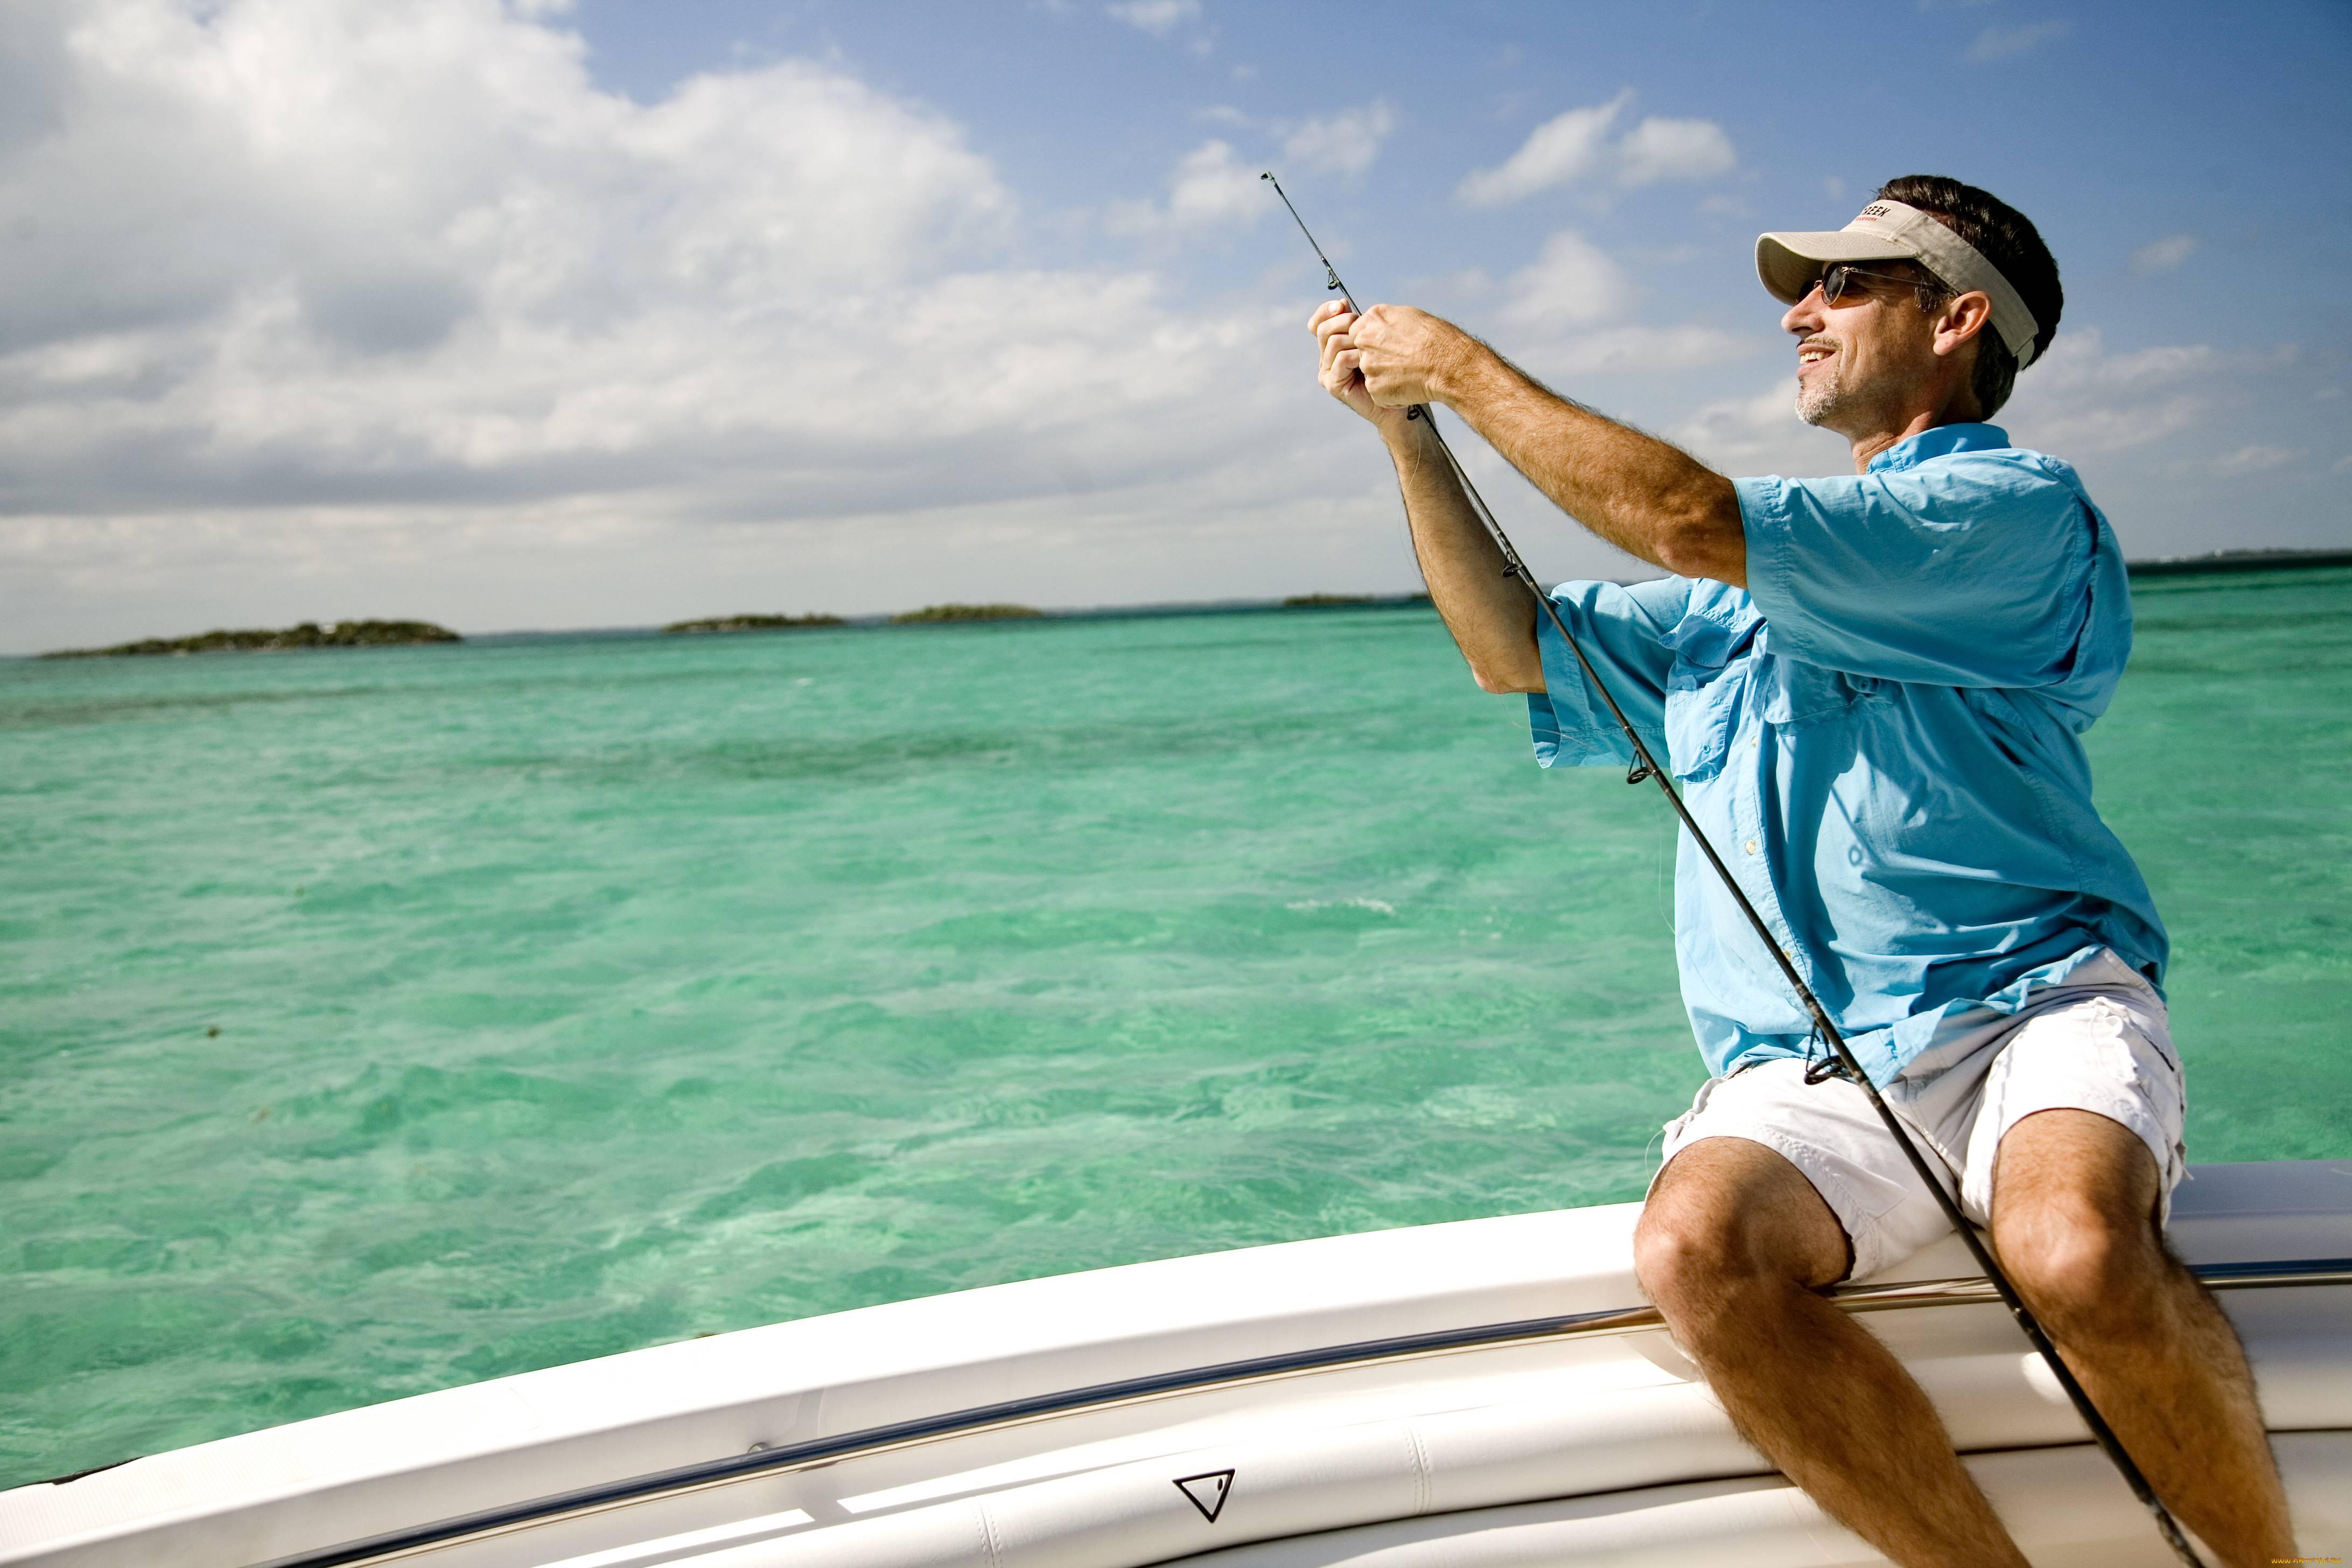 Рыбалка как хобби и развлечение. как заняться рыбалкой, с чего начать